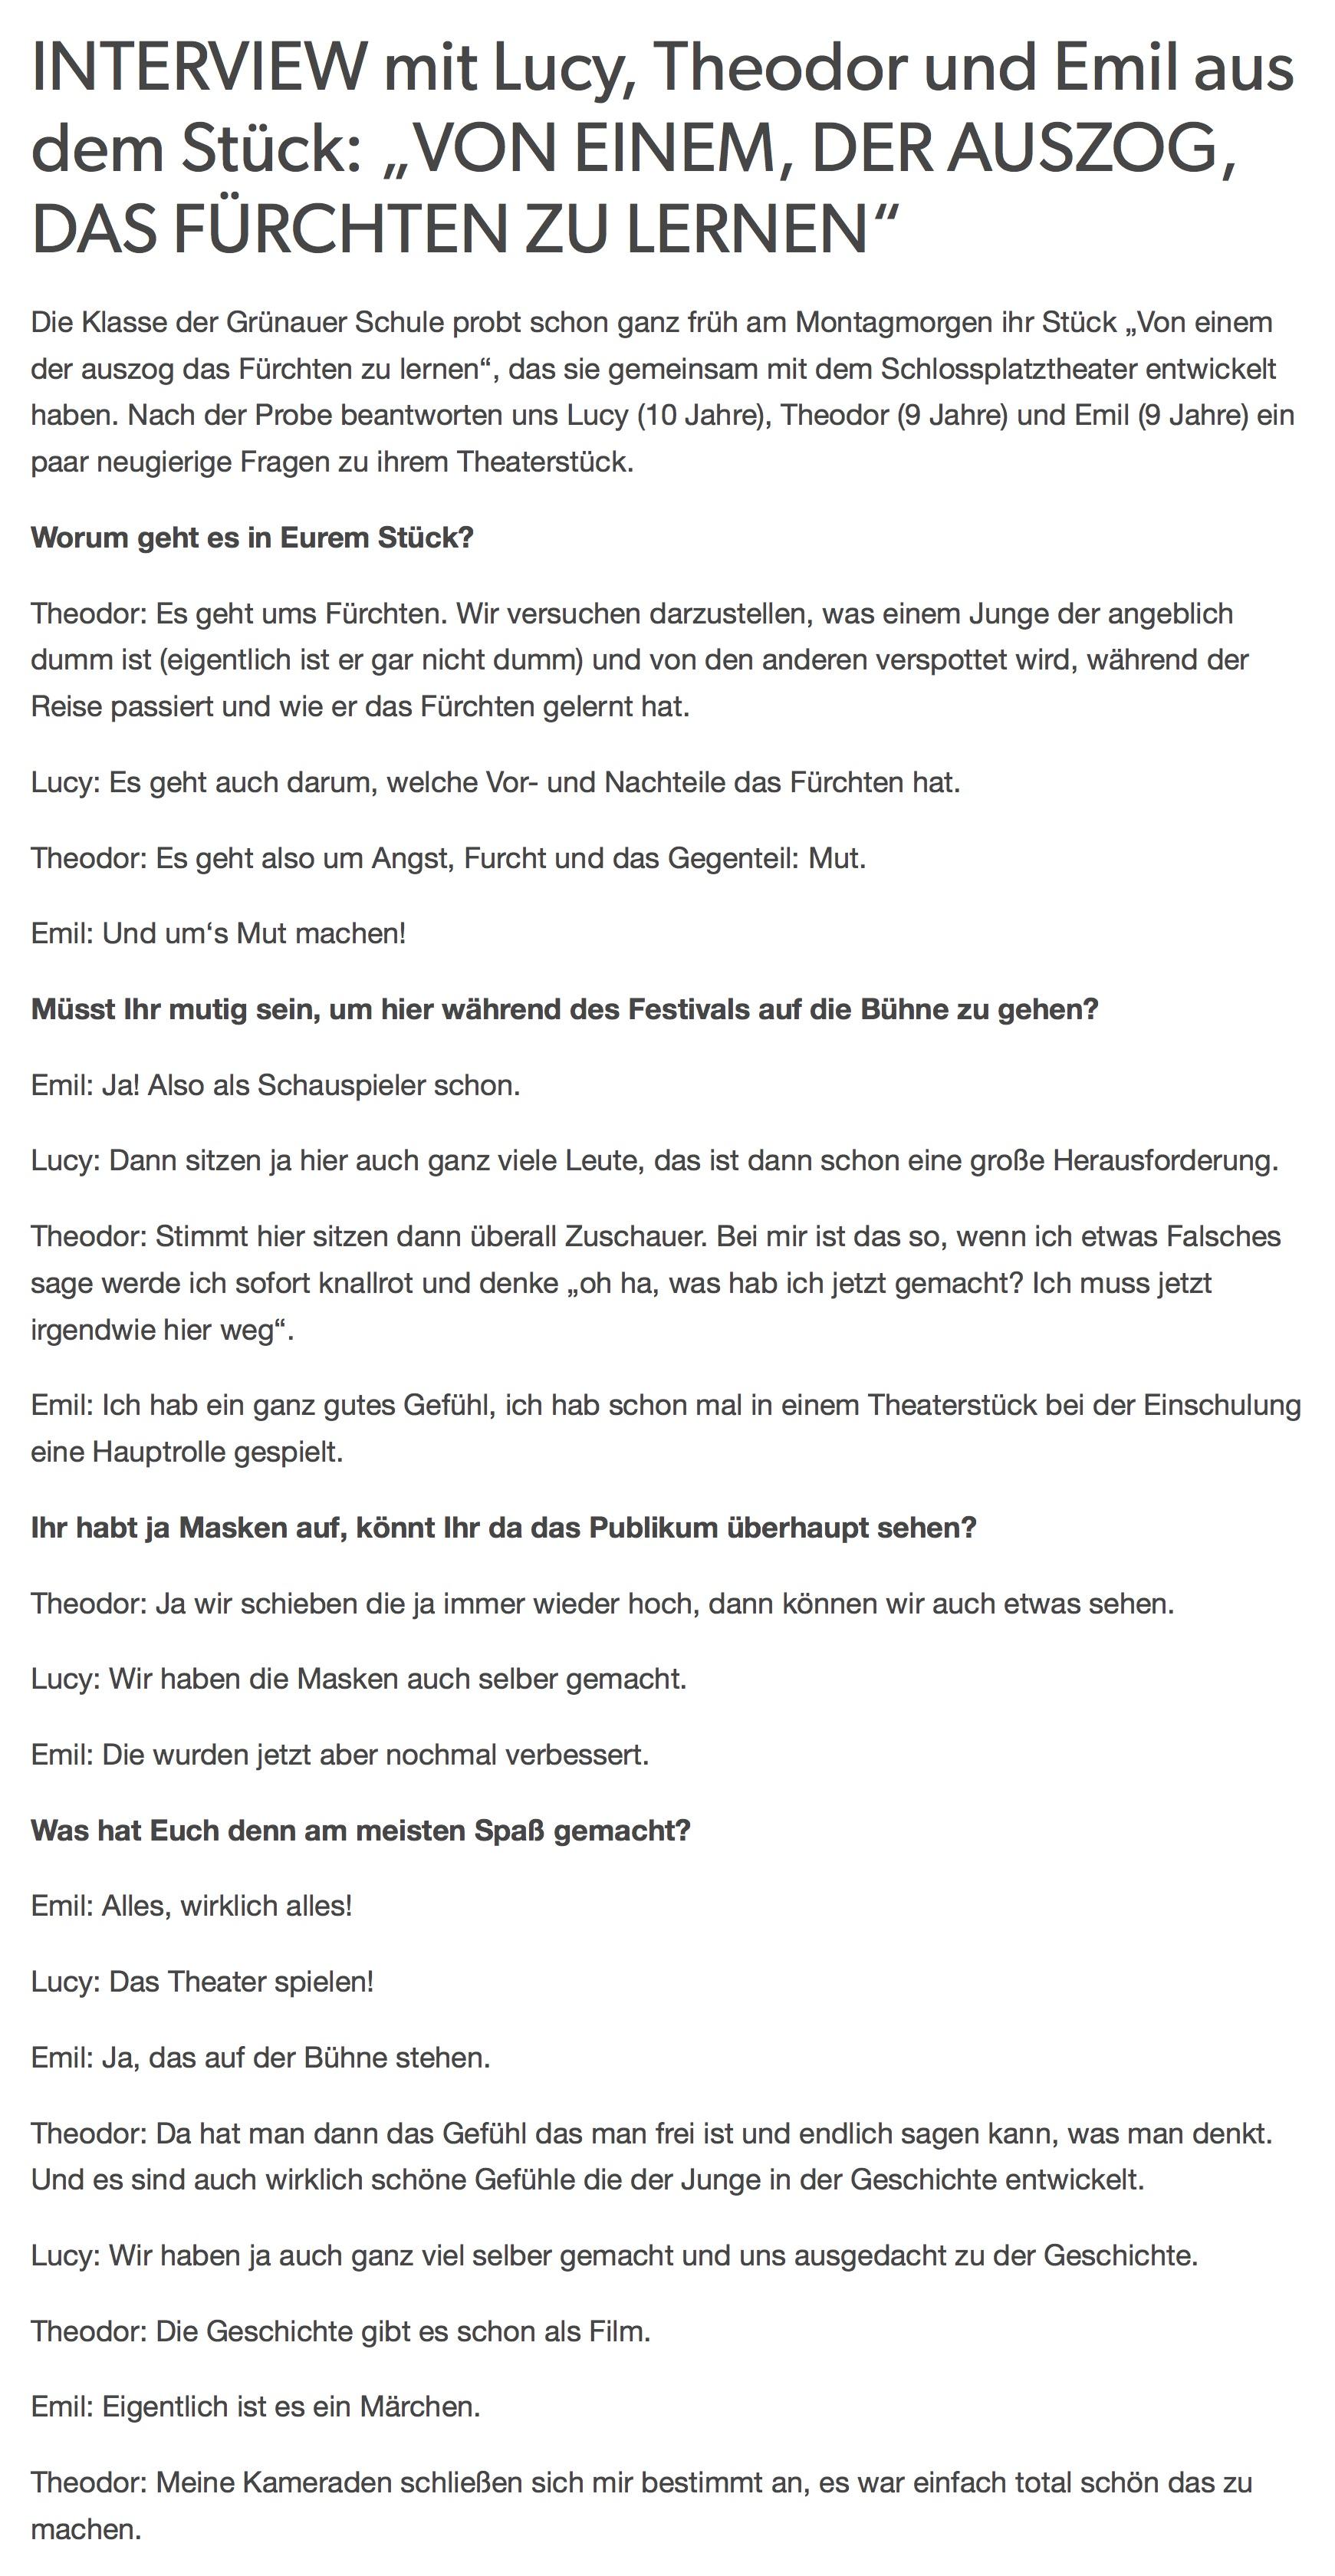 Gemütlich Probe Interview Fragen Galerie - FORTSETZUNG ARBEITSBLATT ...